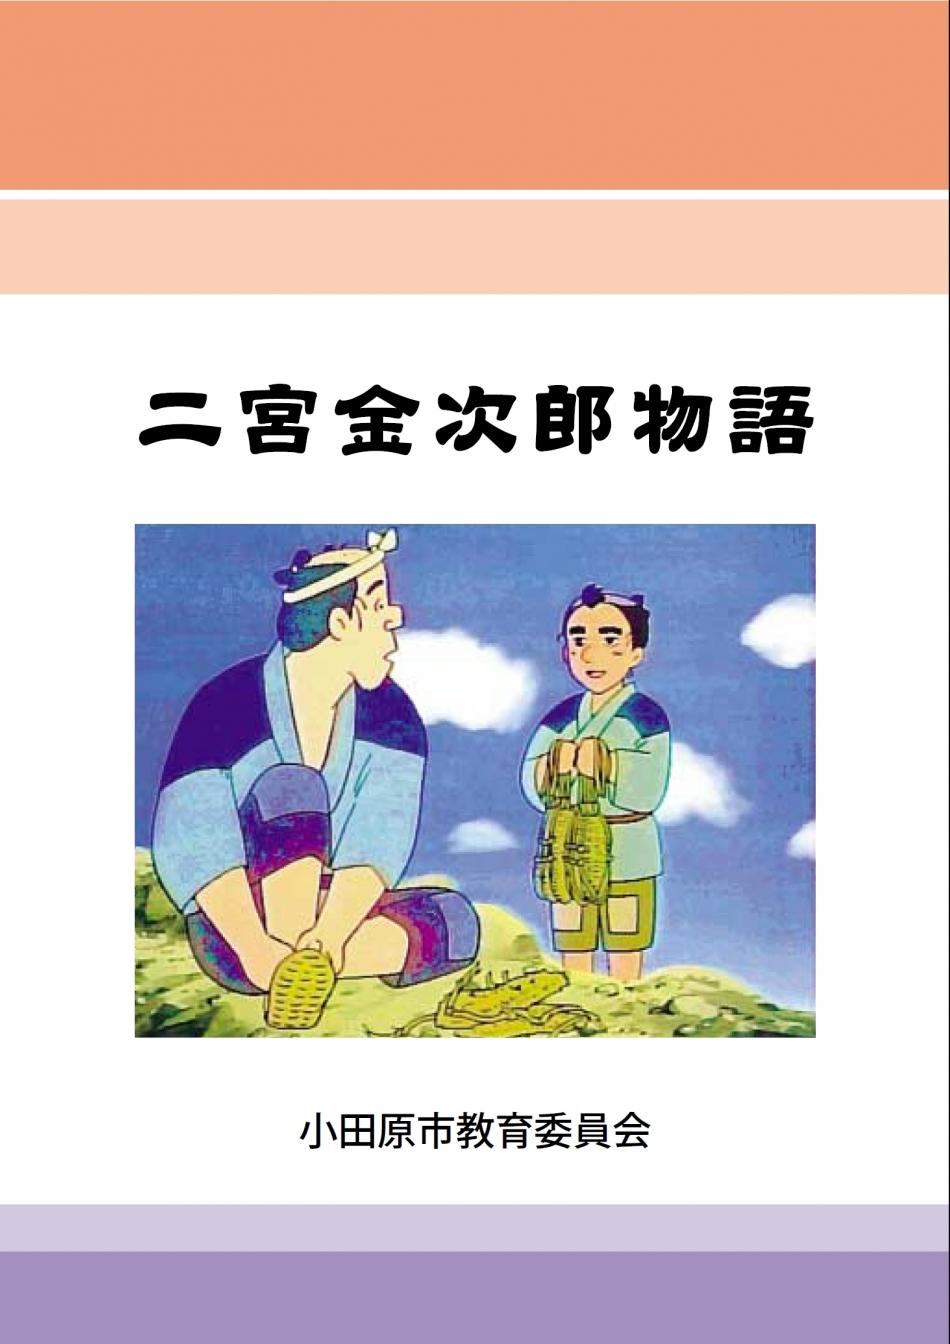 二宮金次郎物語表紙